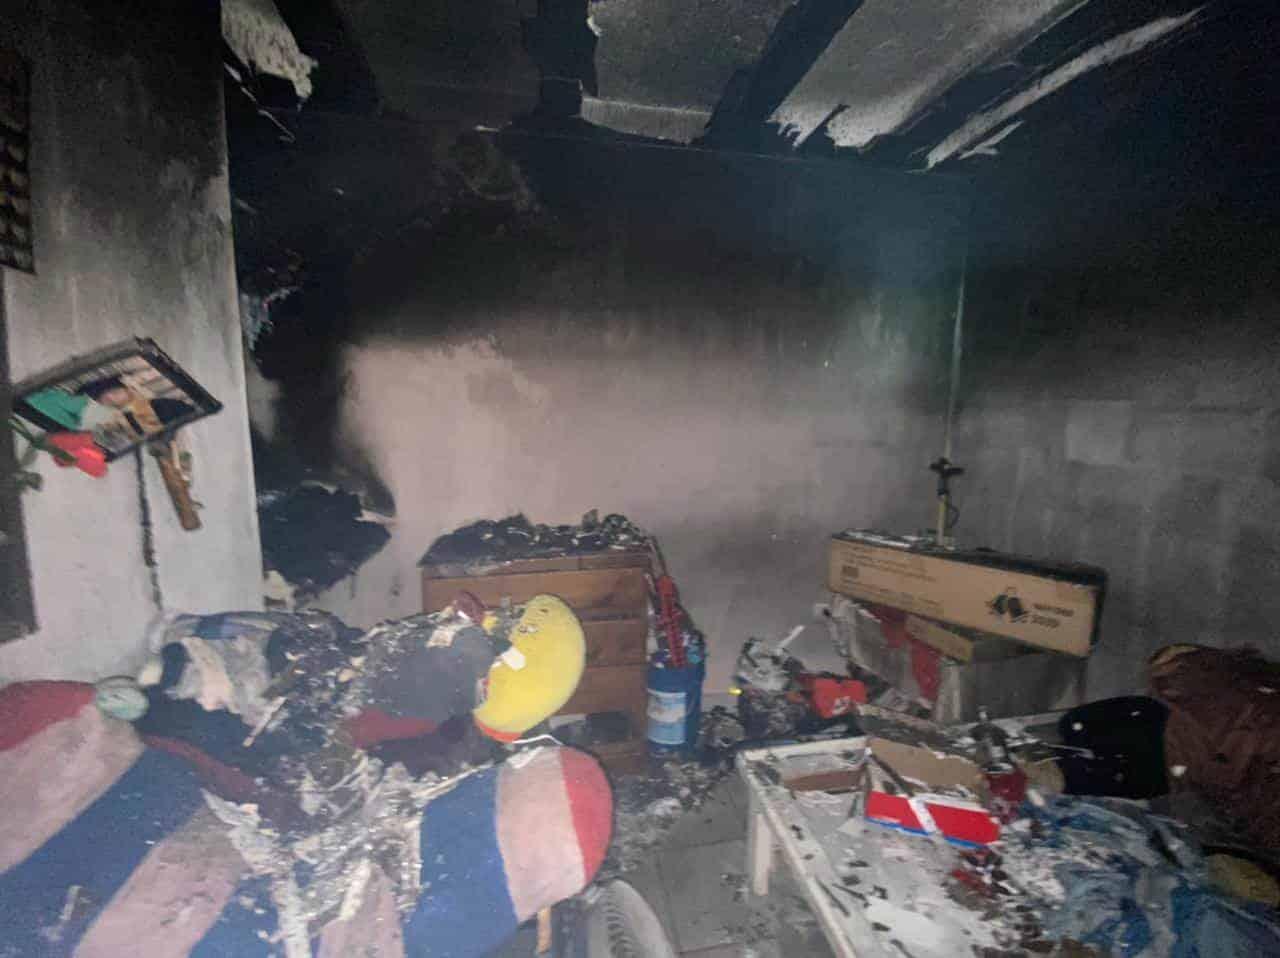 El incendio presuntamente fue provocado tras registrarse una riña en el sitio